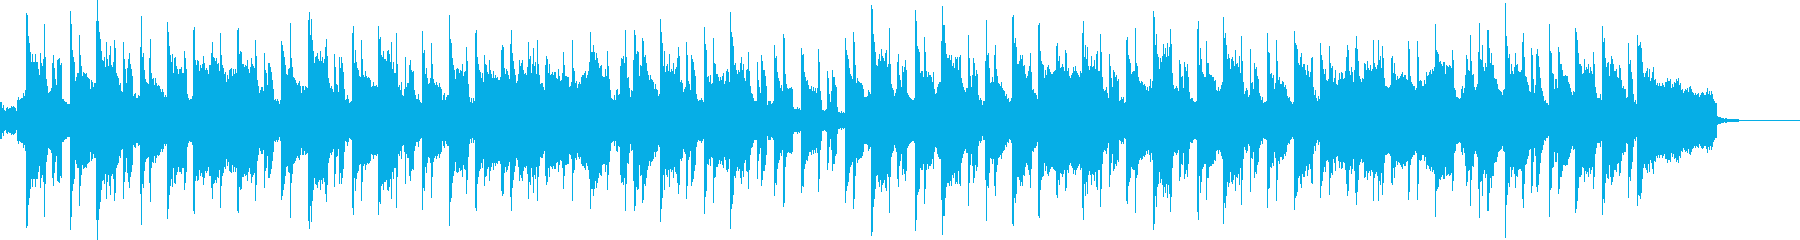 青空をイメージしたポップBGMの再生済みの波形